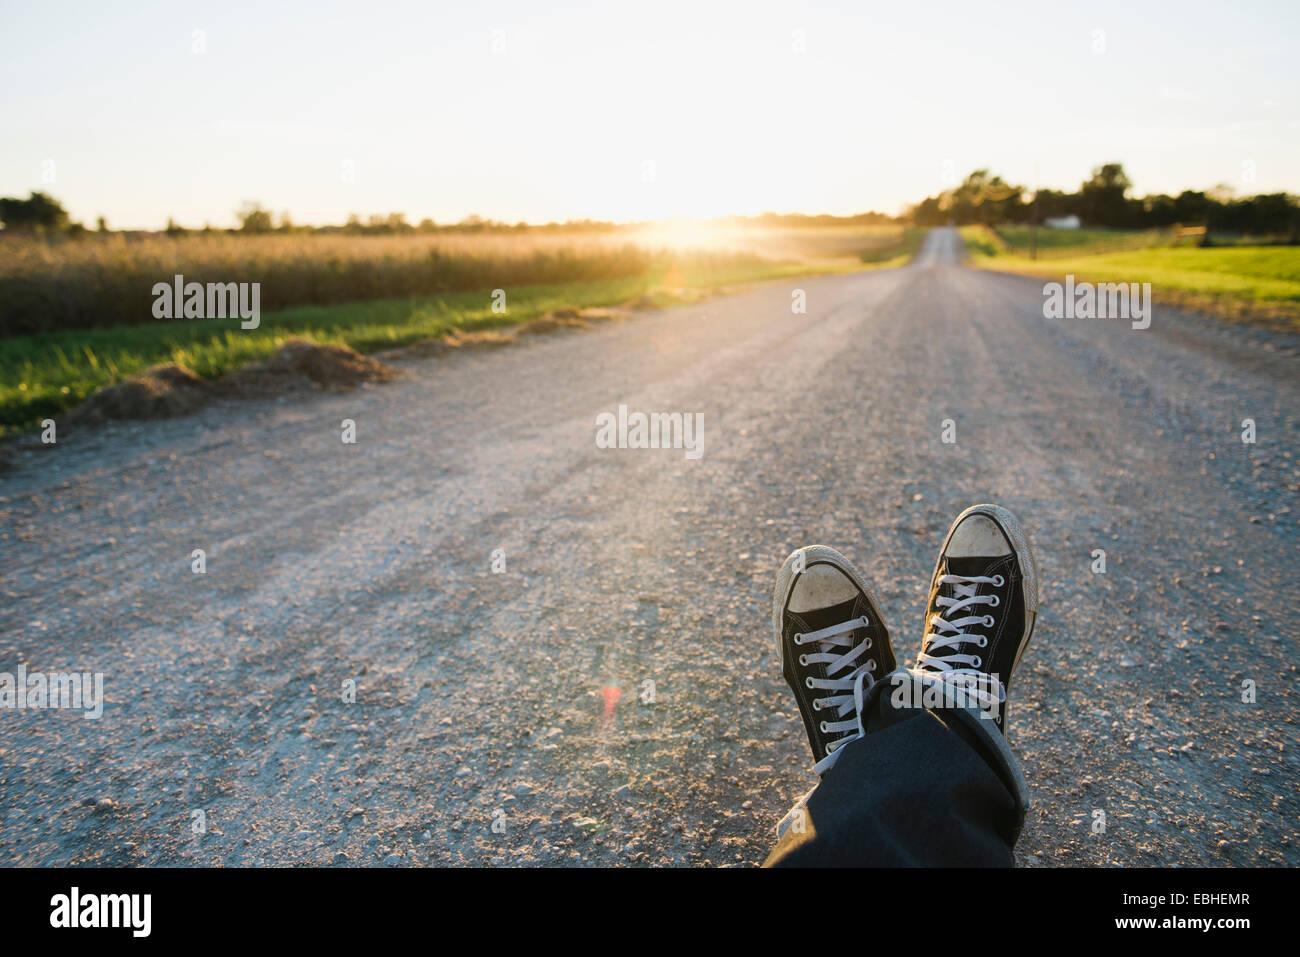 Pies de agricultor viajando por carretera rural al anochecer, Plattsburg, Missouri, EE.UU. Imagen De Stock